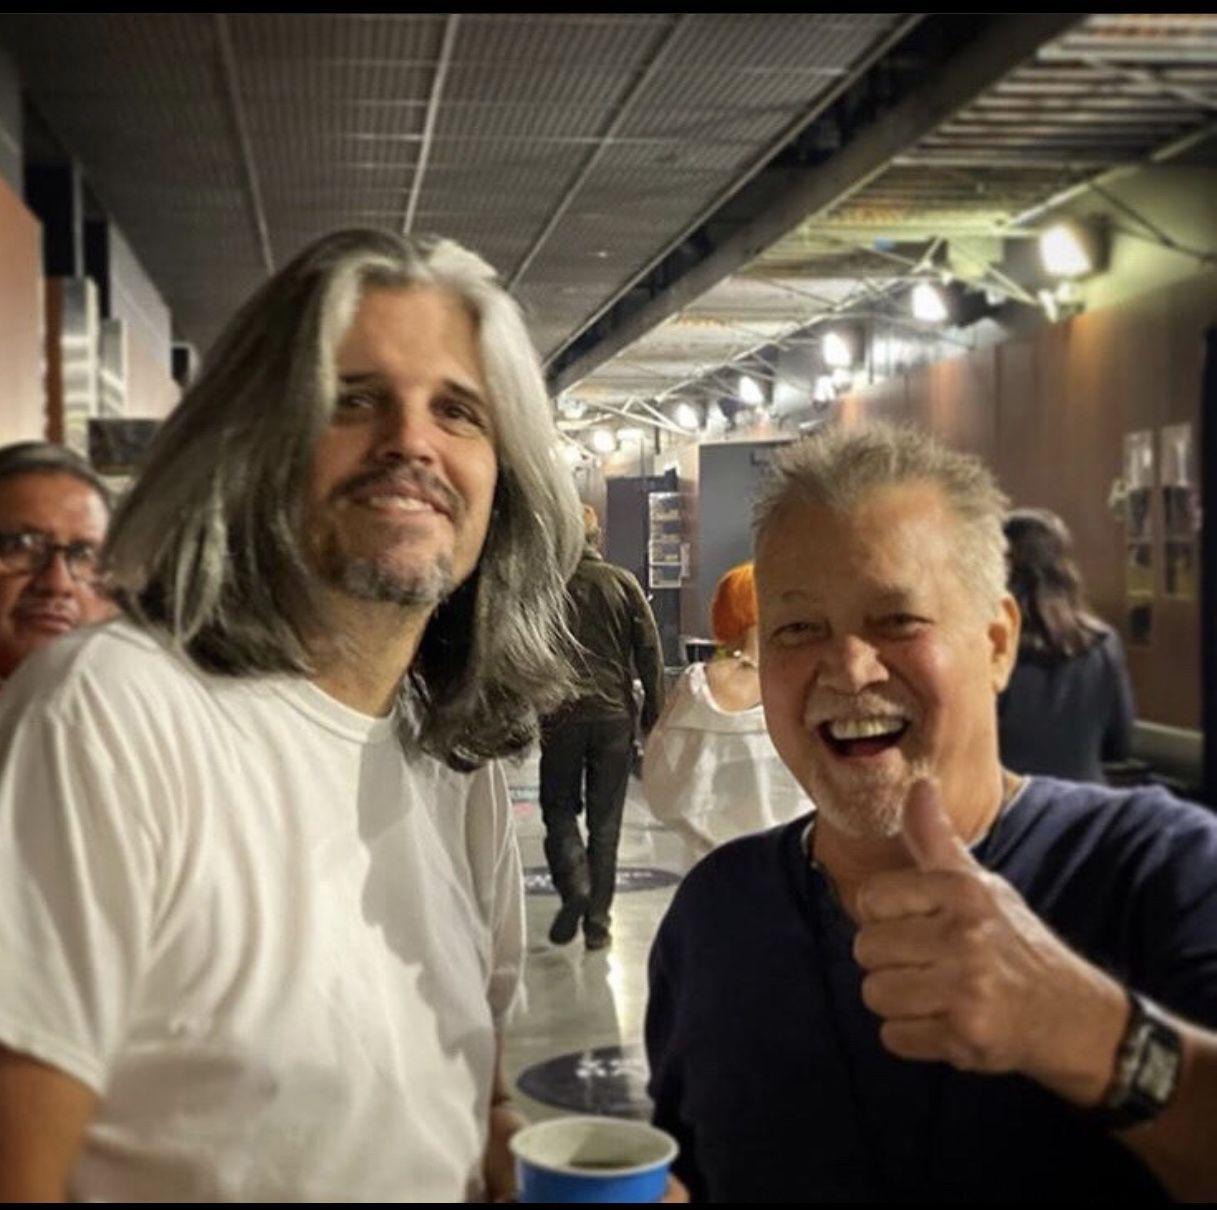 Pin By Jorge On Tool Van Halen Eddie Van Halen Music Is Life